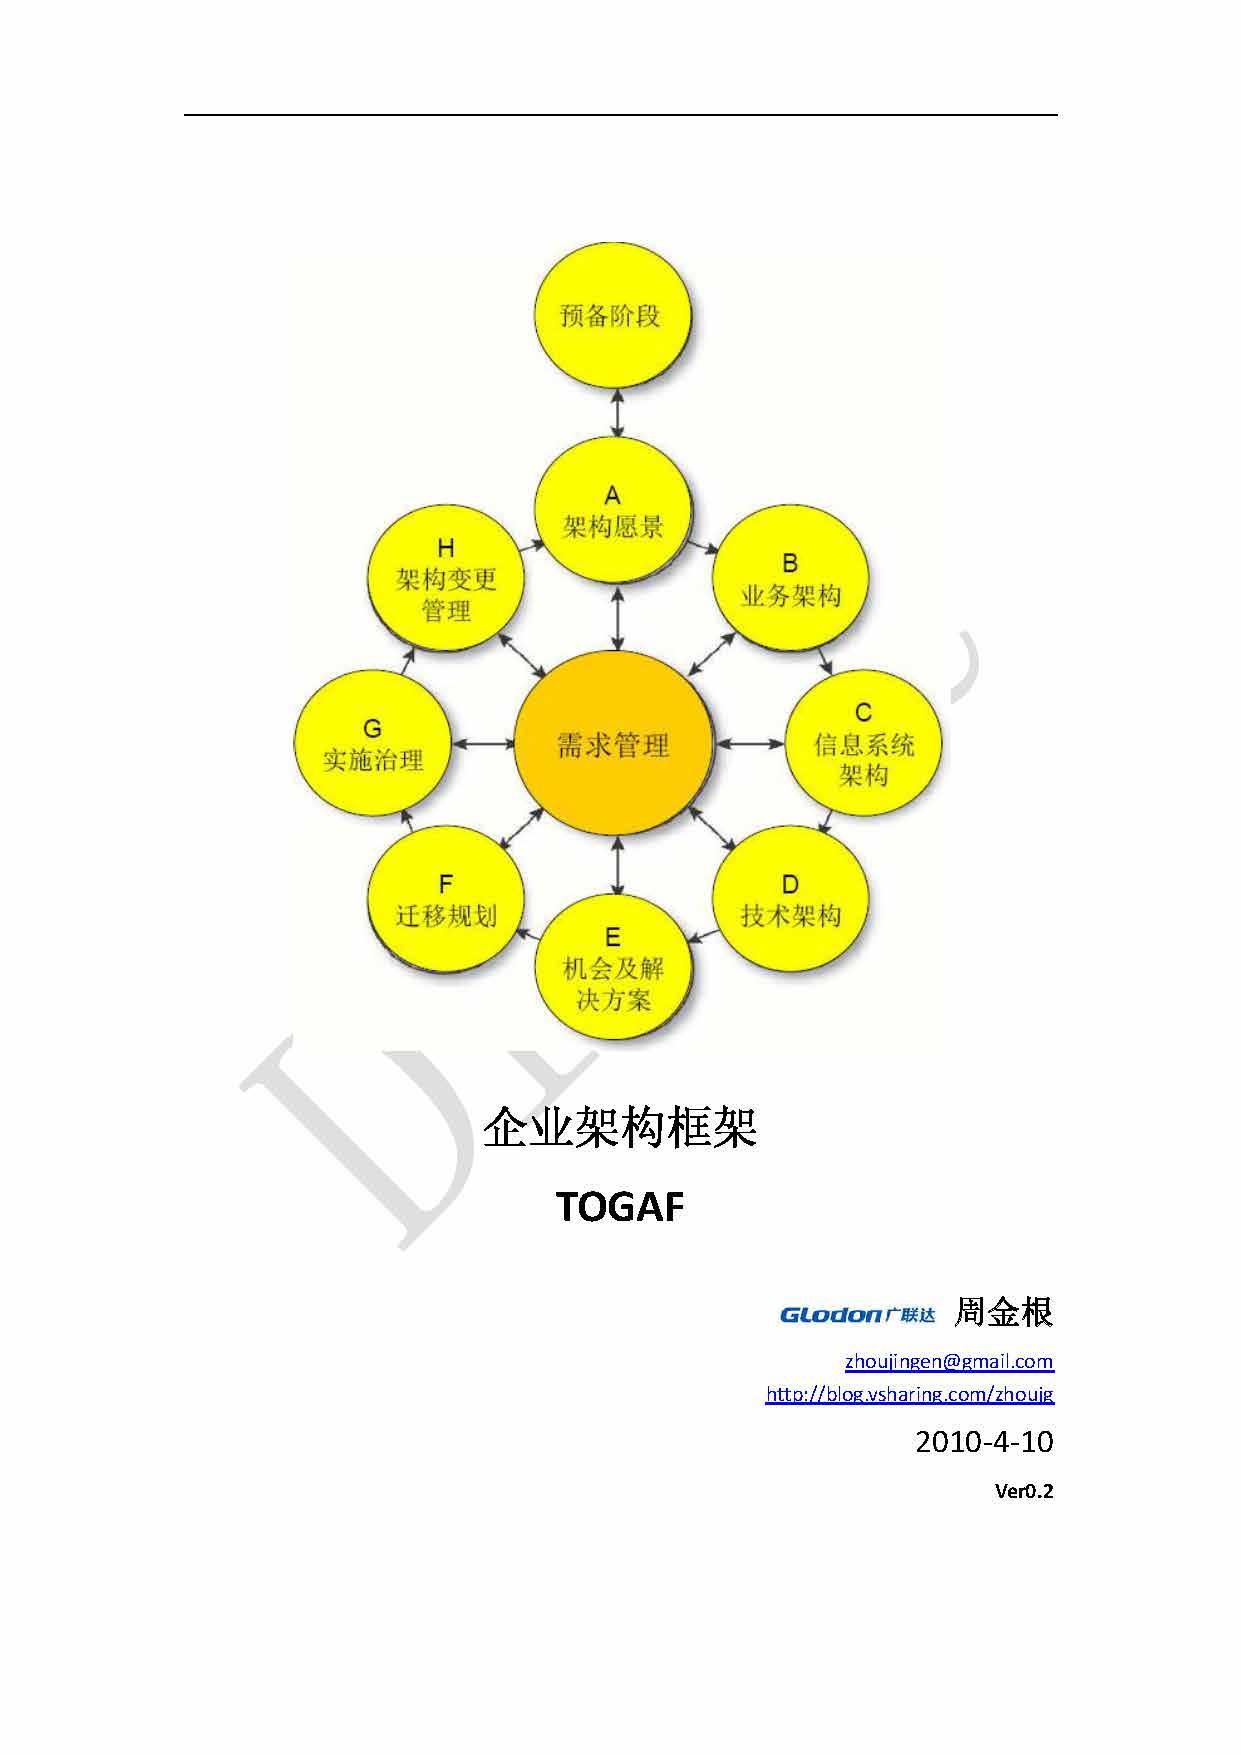 周金根-企业架构框架-TOGAF Draft